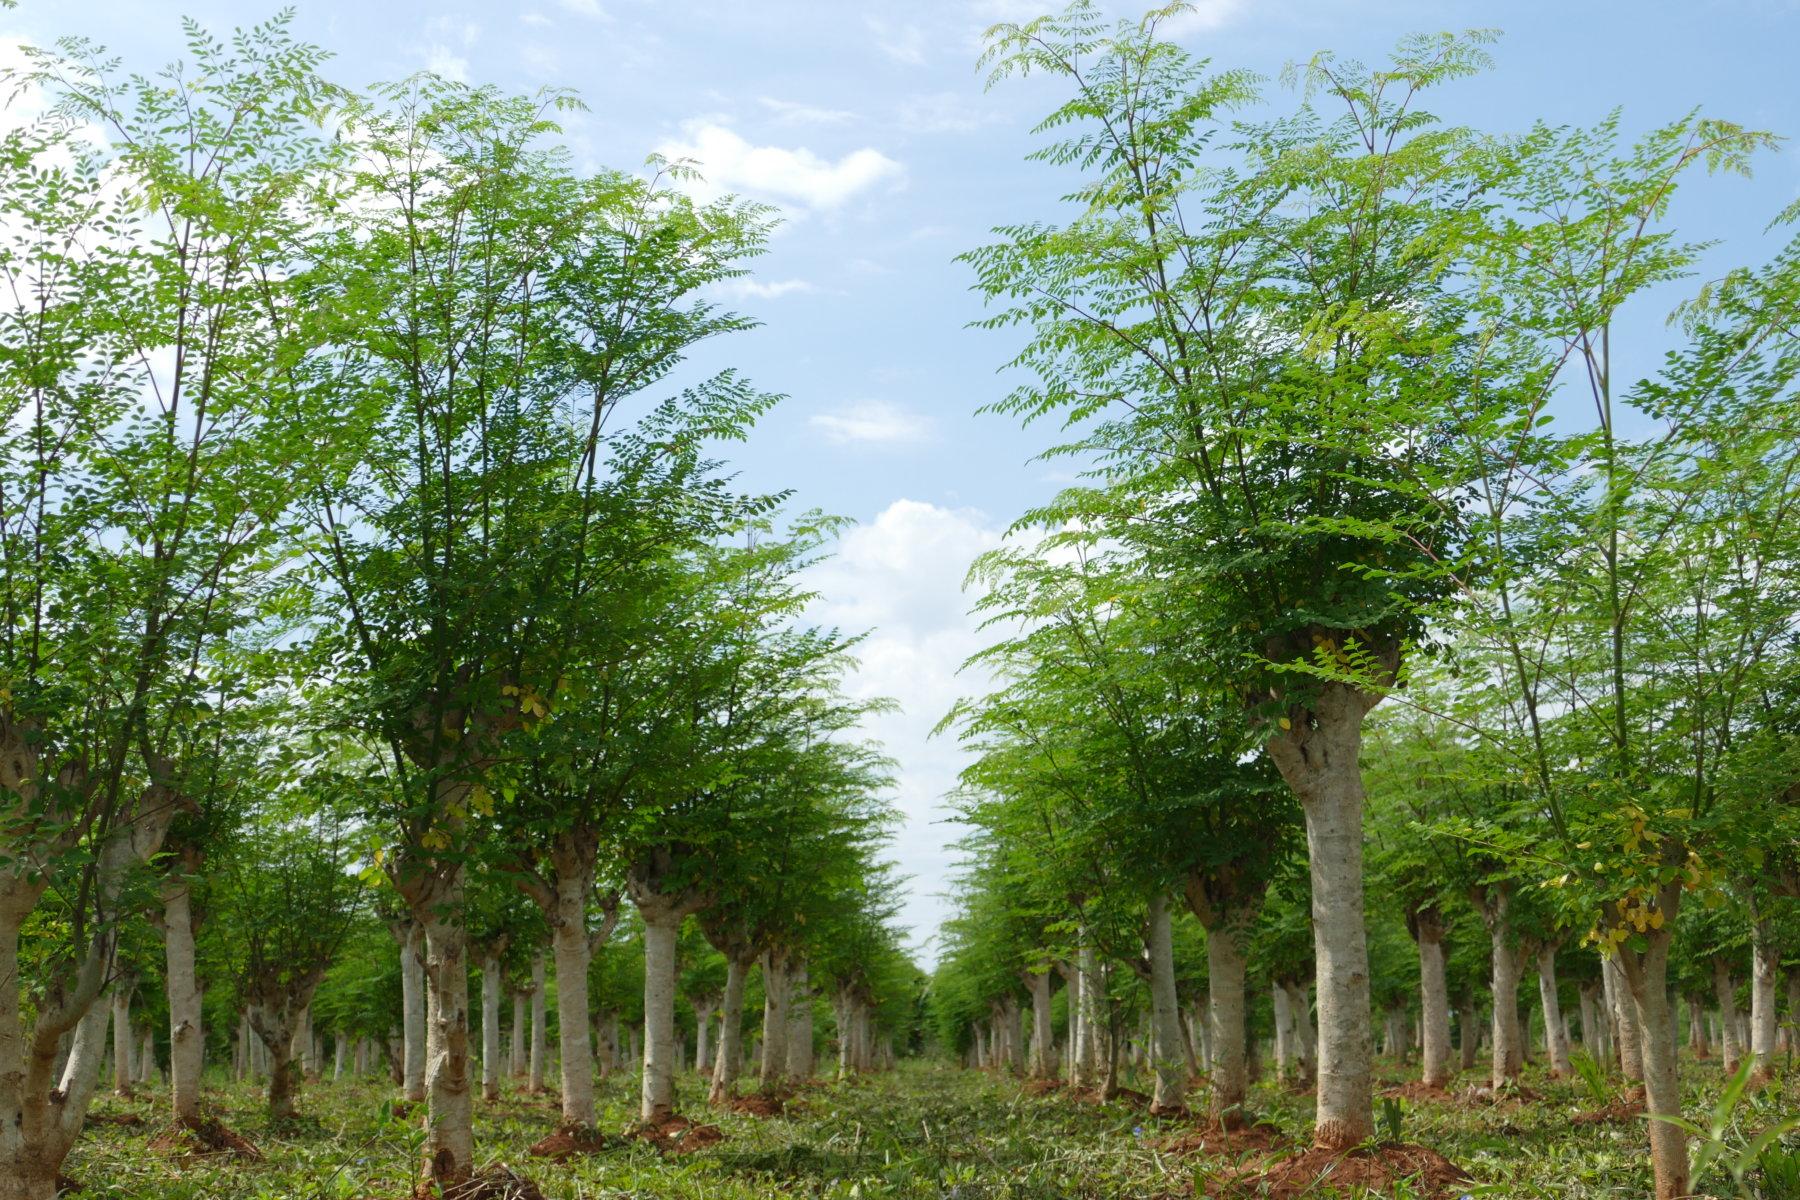 Hileras de árboles de Moringa oleifera, cuyas hojas son un alimento funcional nutracéutico a causa de su elevado contenido en micro y macro nutrientes, así como de su probado positivo efecto sobre la salud humana.